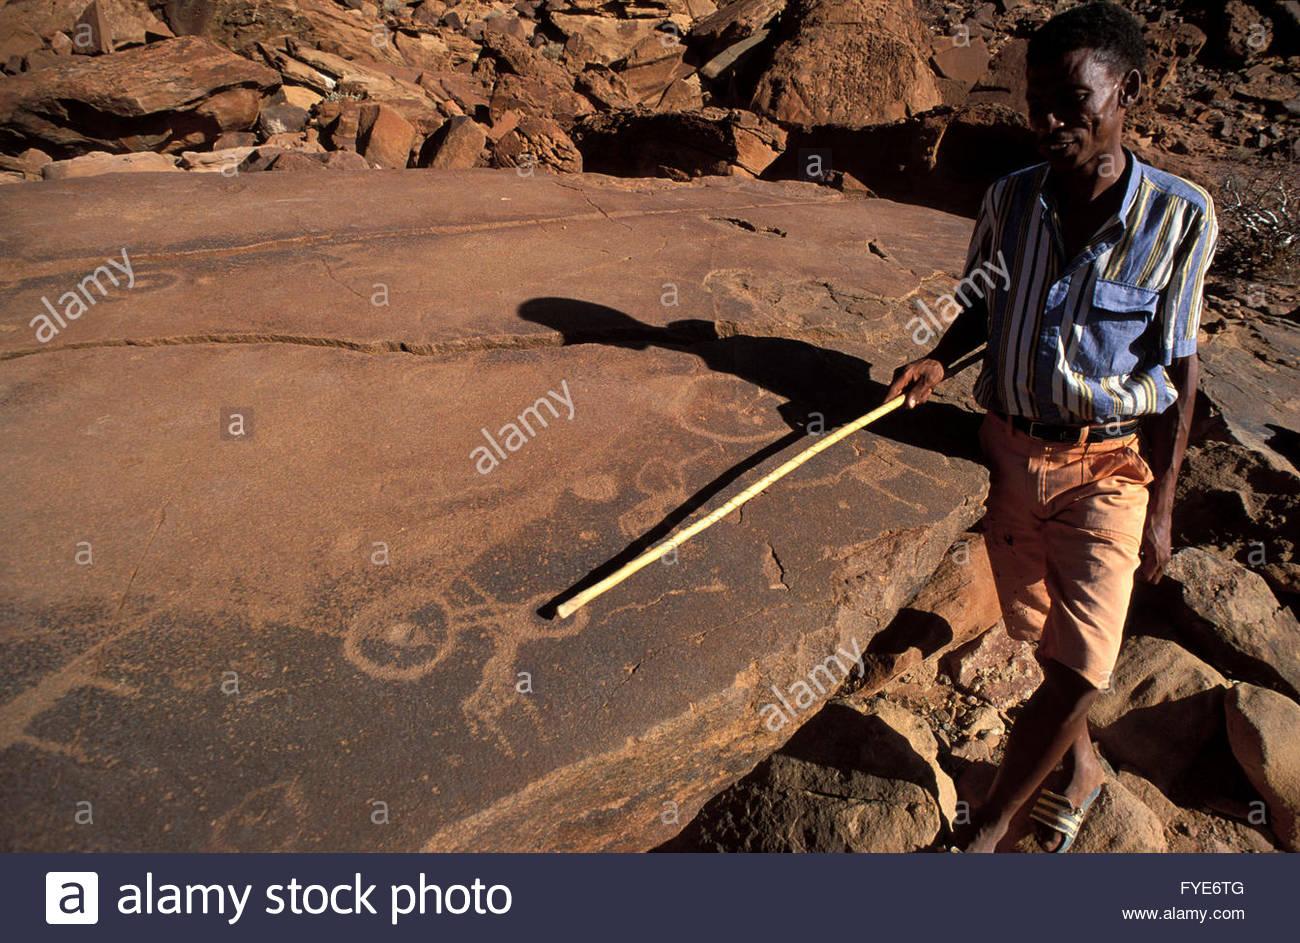 San animal petroglyphs in Twyfelfontein Namibia. - Stock Image